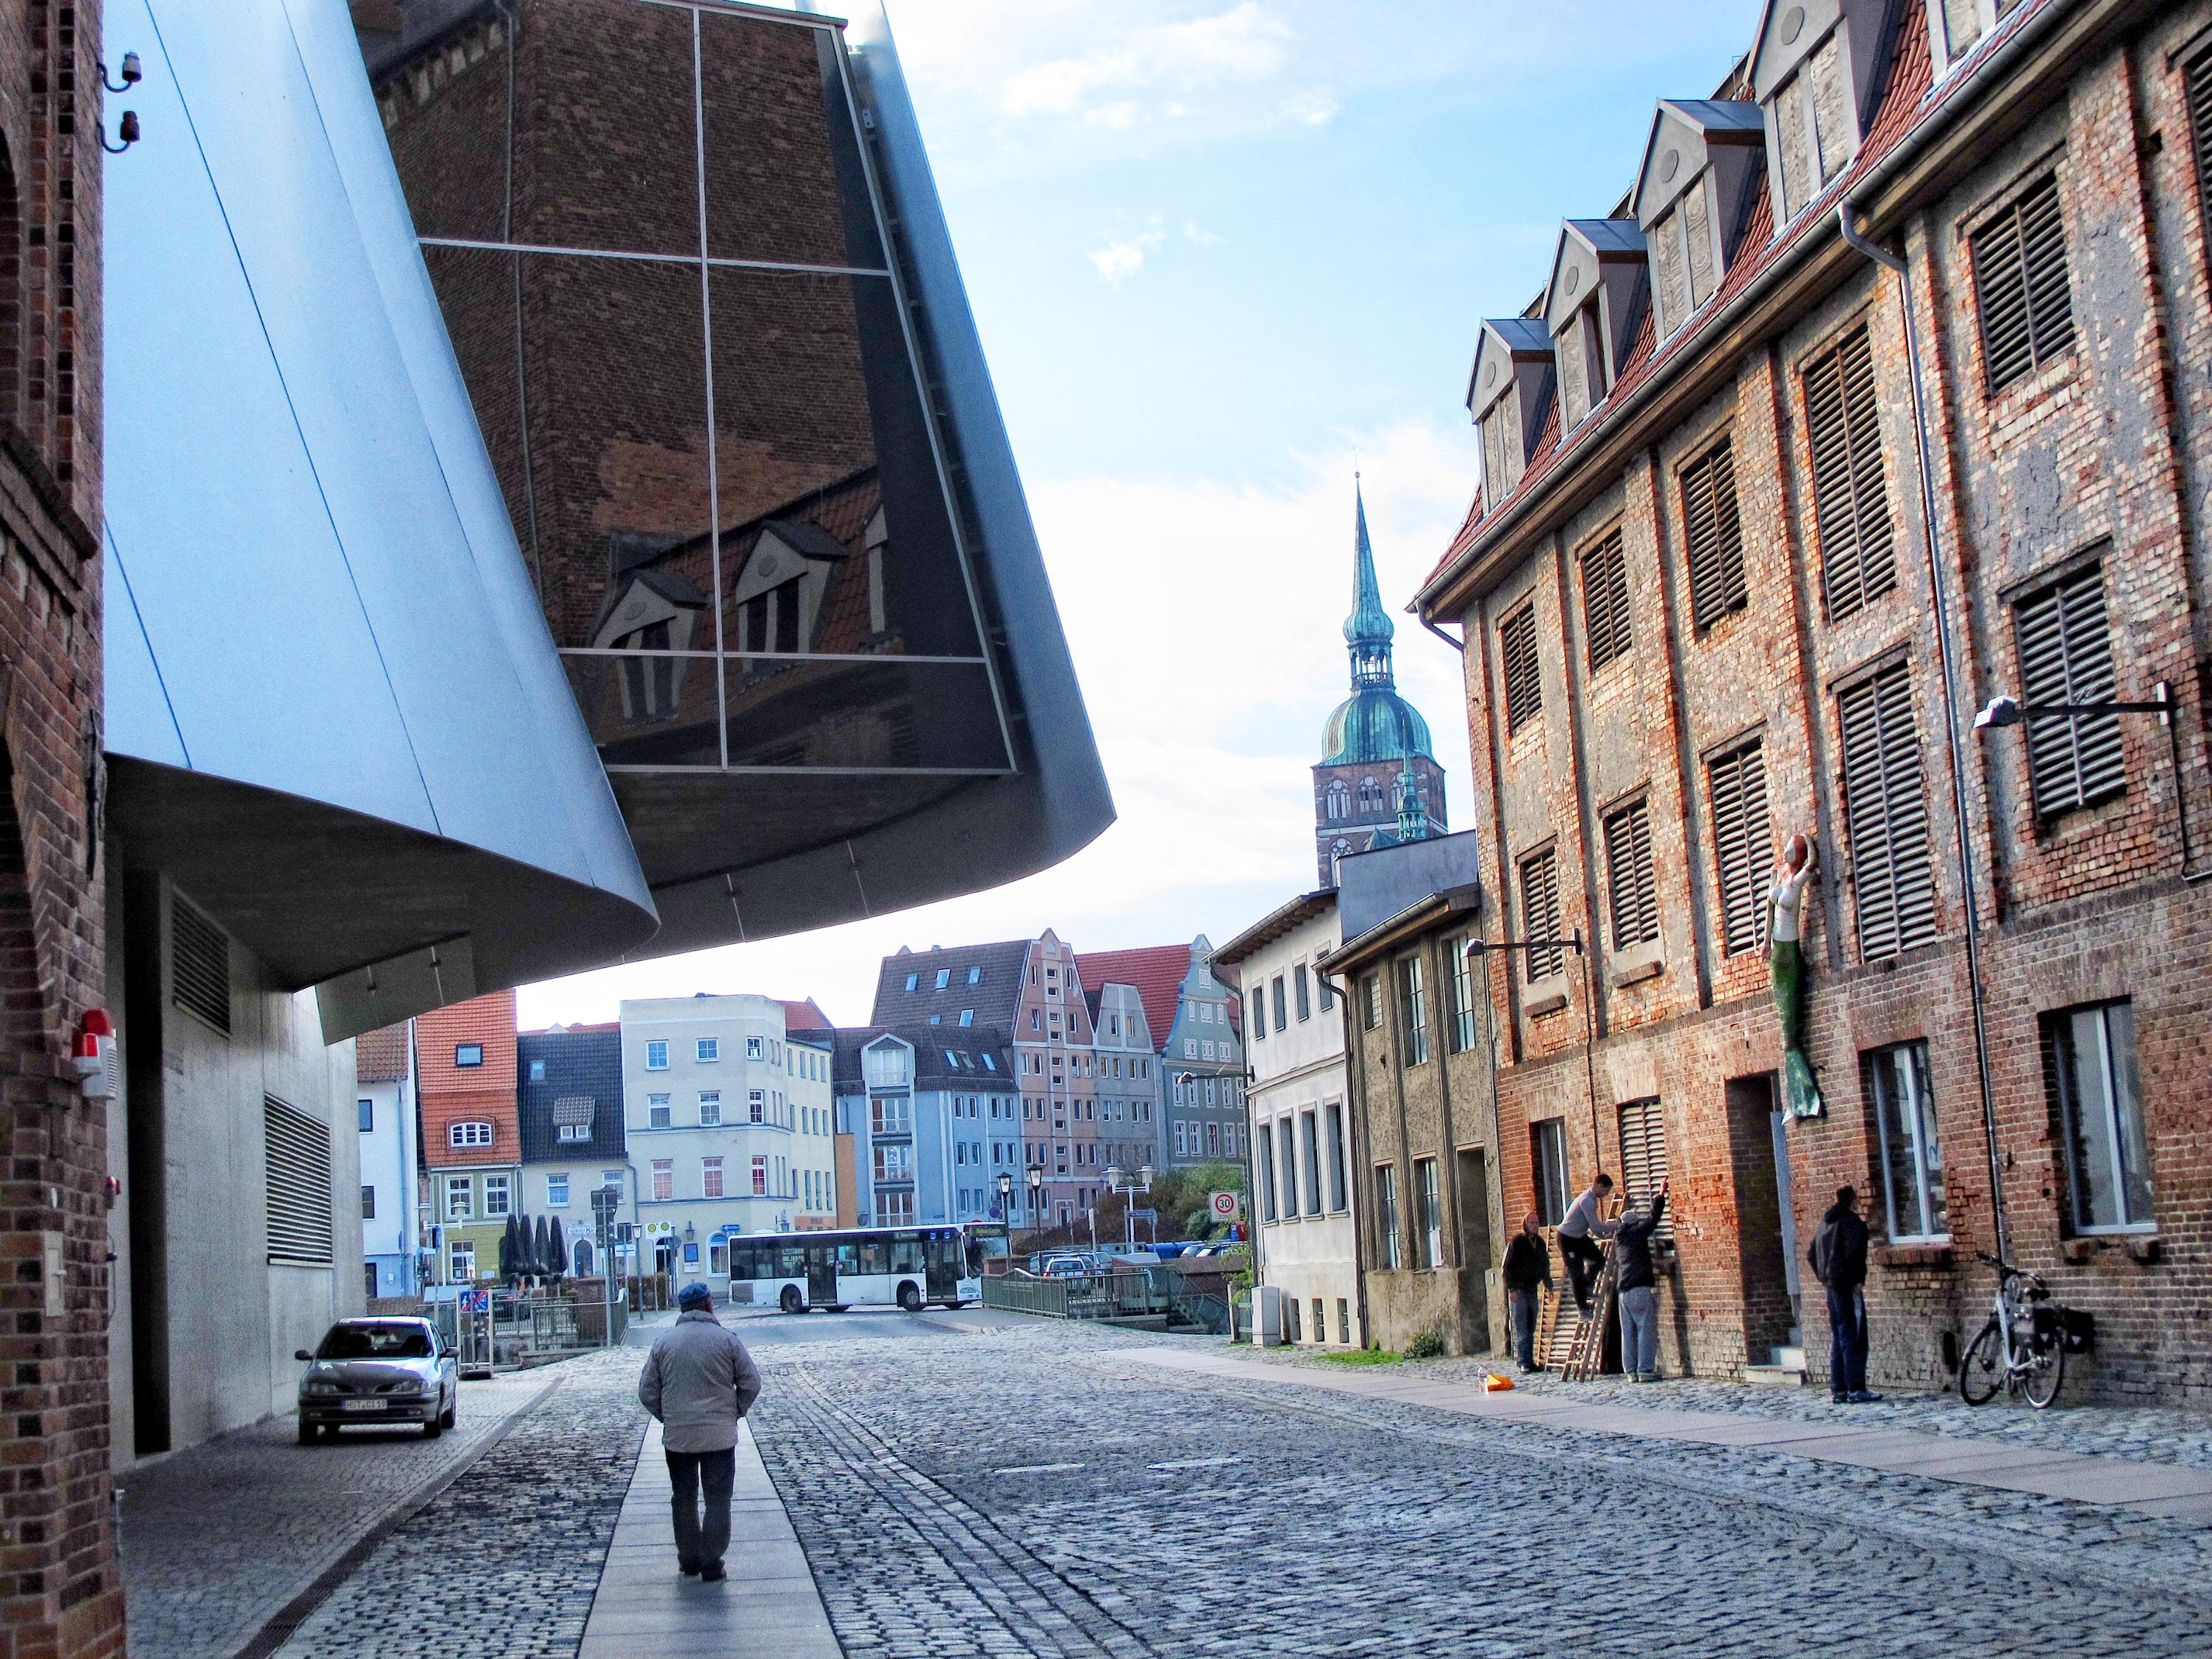 """Щралзунд<br /> В Щралзунд на Балтийско море се вижда може би най-добре как са изглеждали градовете от Ханзата по време на техния разцвет през 14 век. Средновековният градски център на Щралзунд е почти напълно запазен. Между старите пристанищни складове е изграден модерният музей """"Ozeaneum"""", в който посетителите се потапят в дълбините на Балтийско и Северно море."""